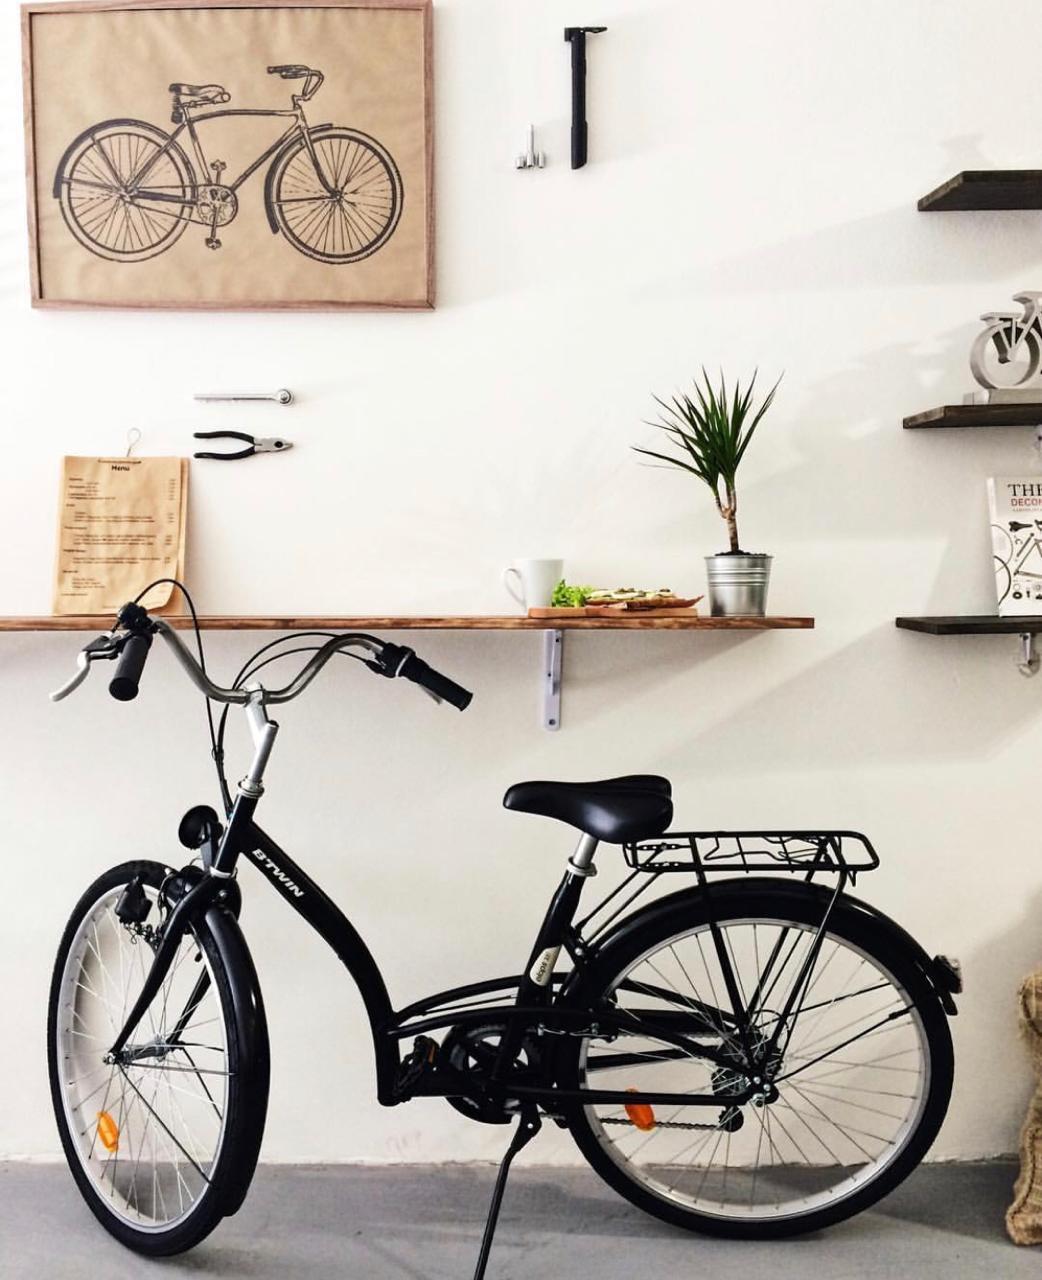 Бизнес на велосипедах сделать не получилось, но они пригодились в дизайне